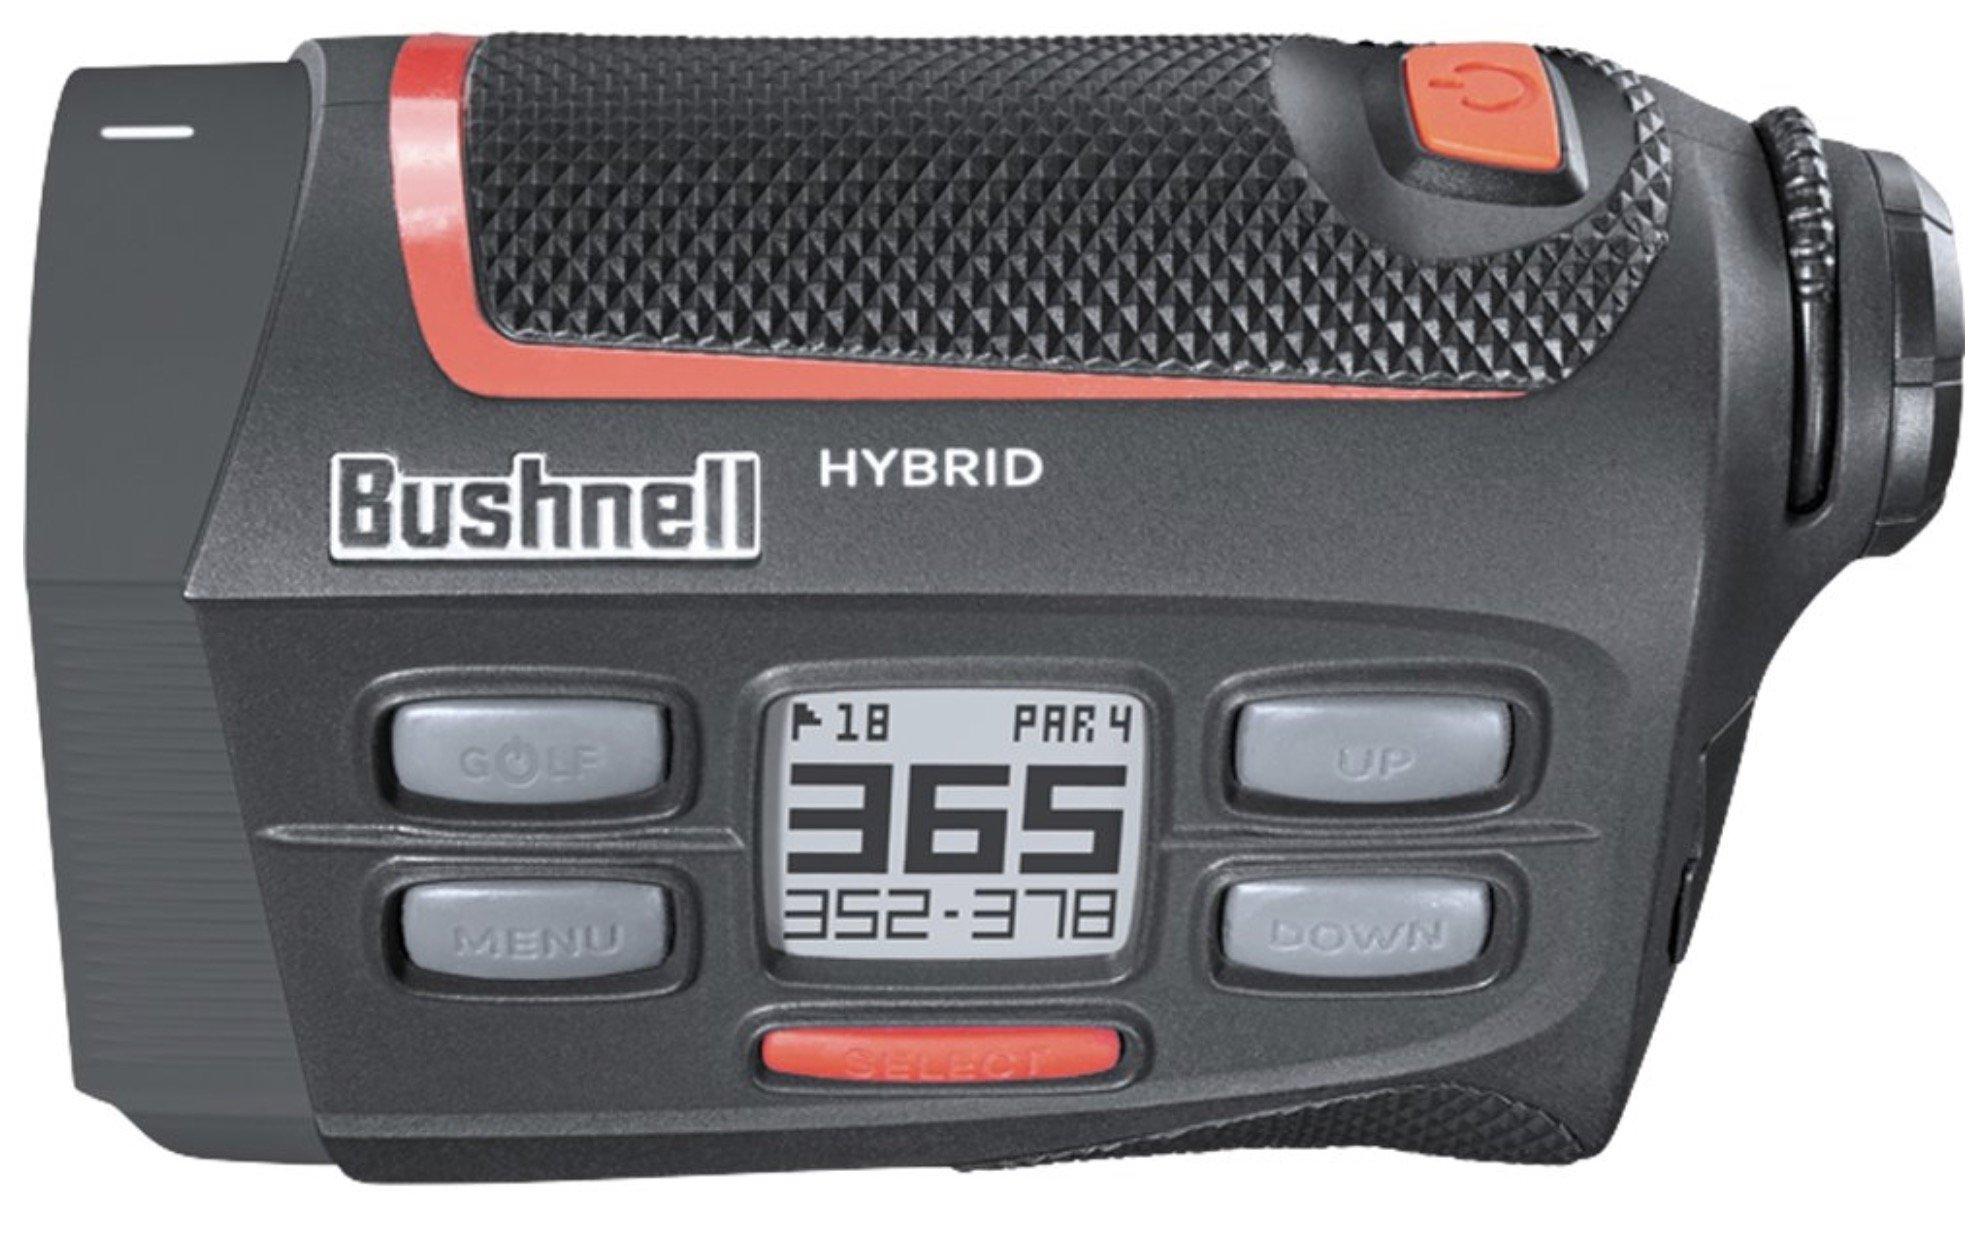 Bushnell Hybrid GPS laser golf rangefinder - left top view